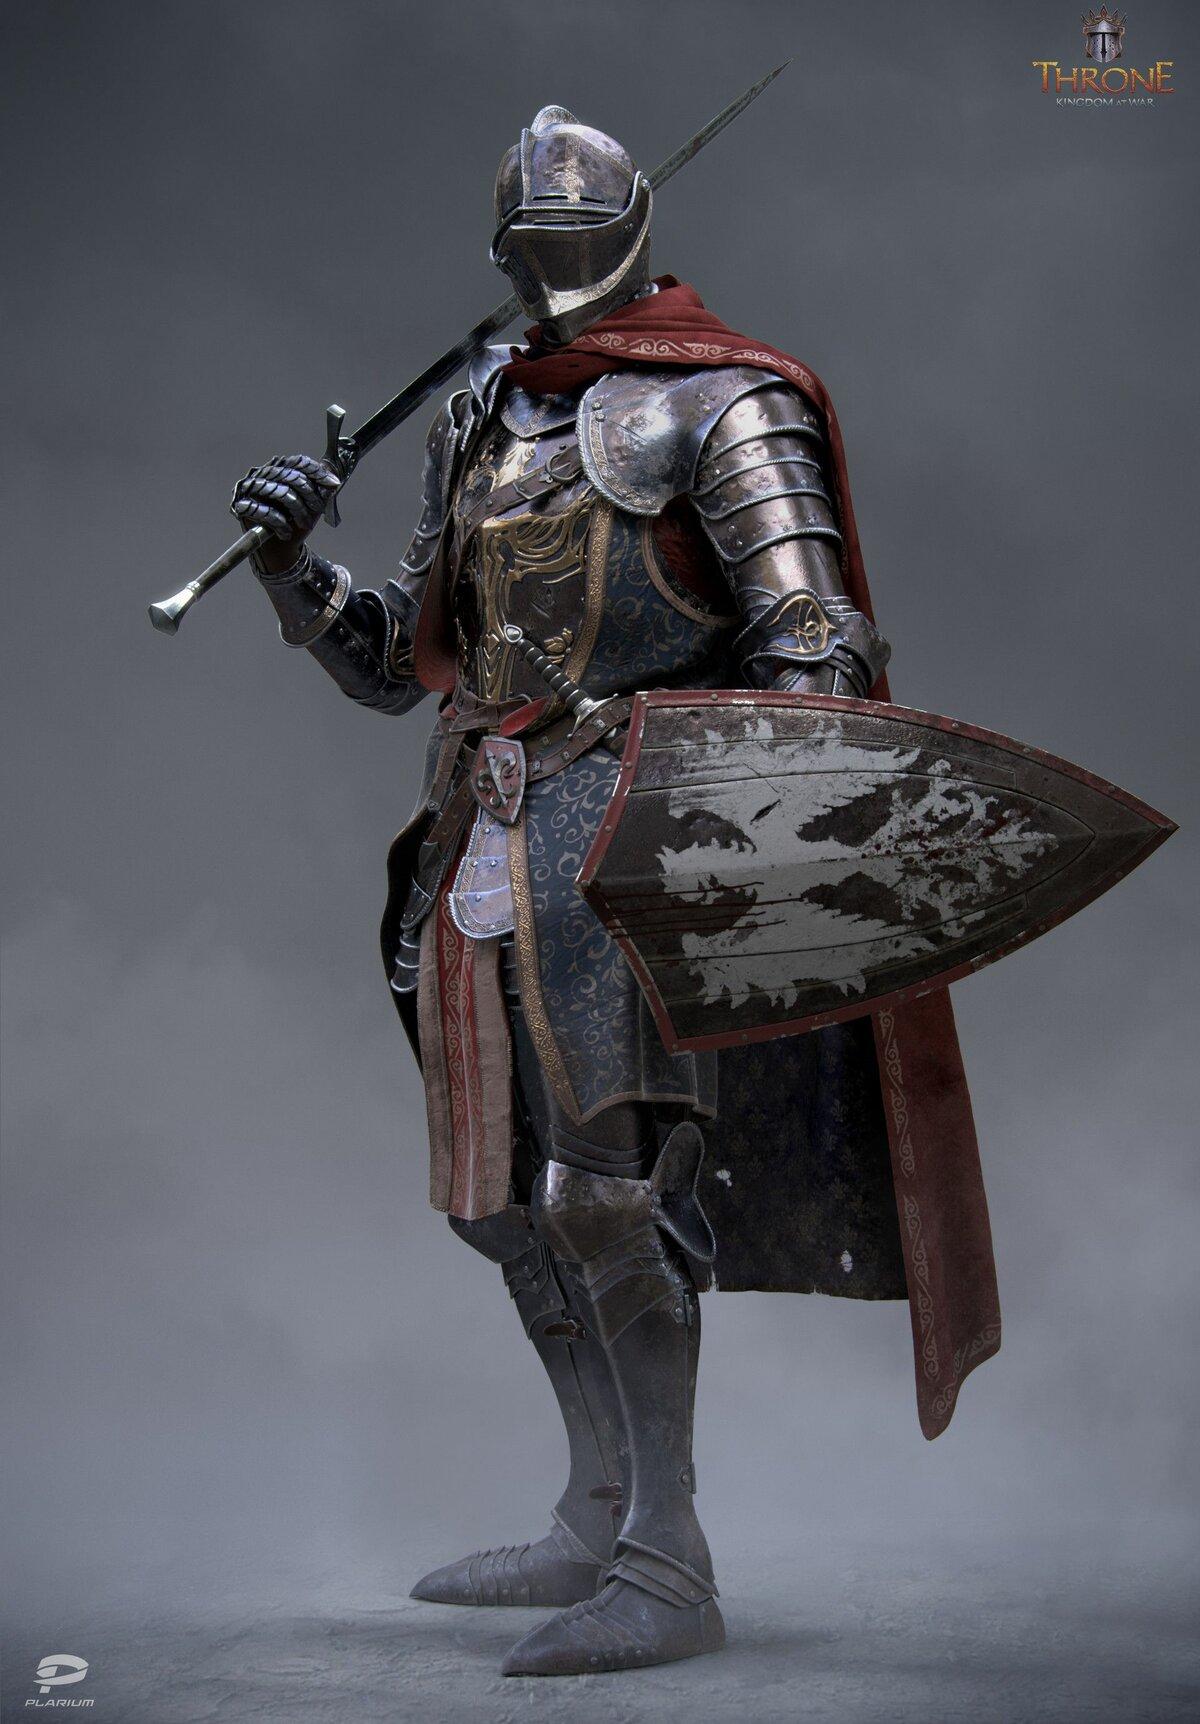 Картинки рыцаря в доспехах